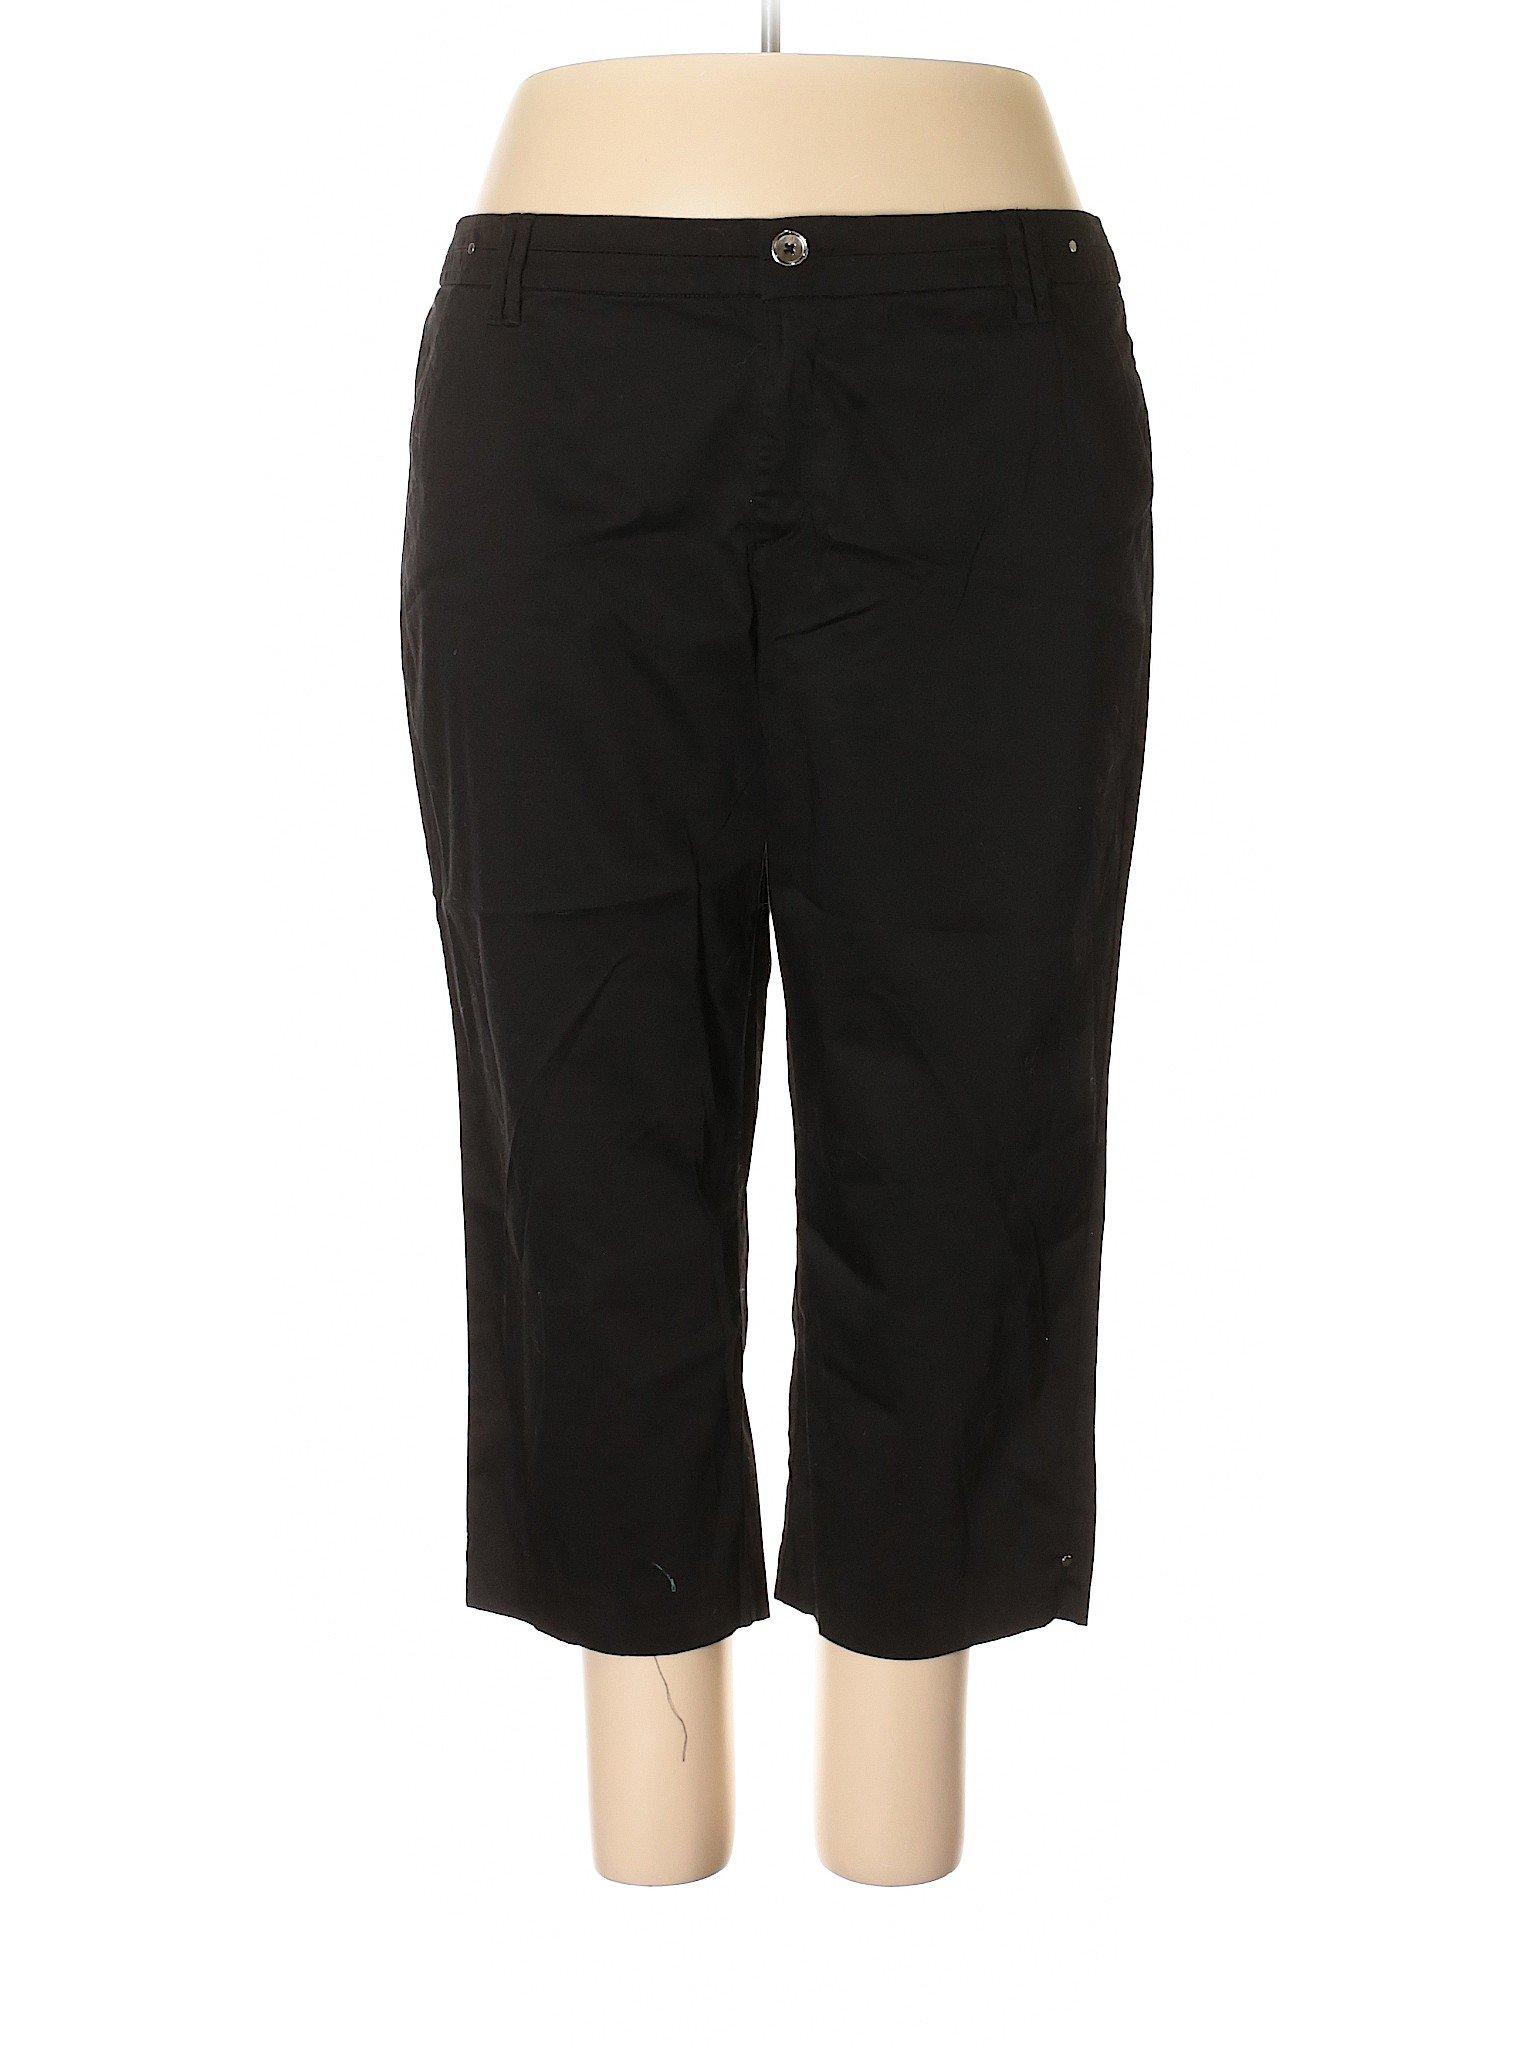 Boutique winter Intro Dress Boutique Dress winter Pants Pants Intro U5UrwxqnP